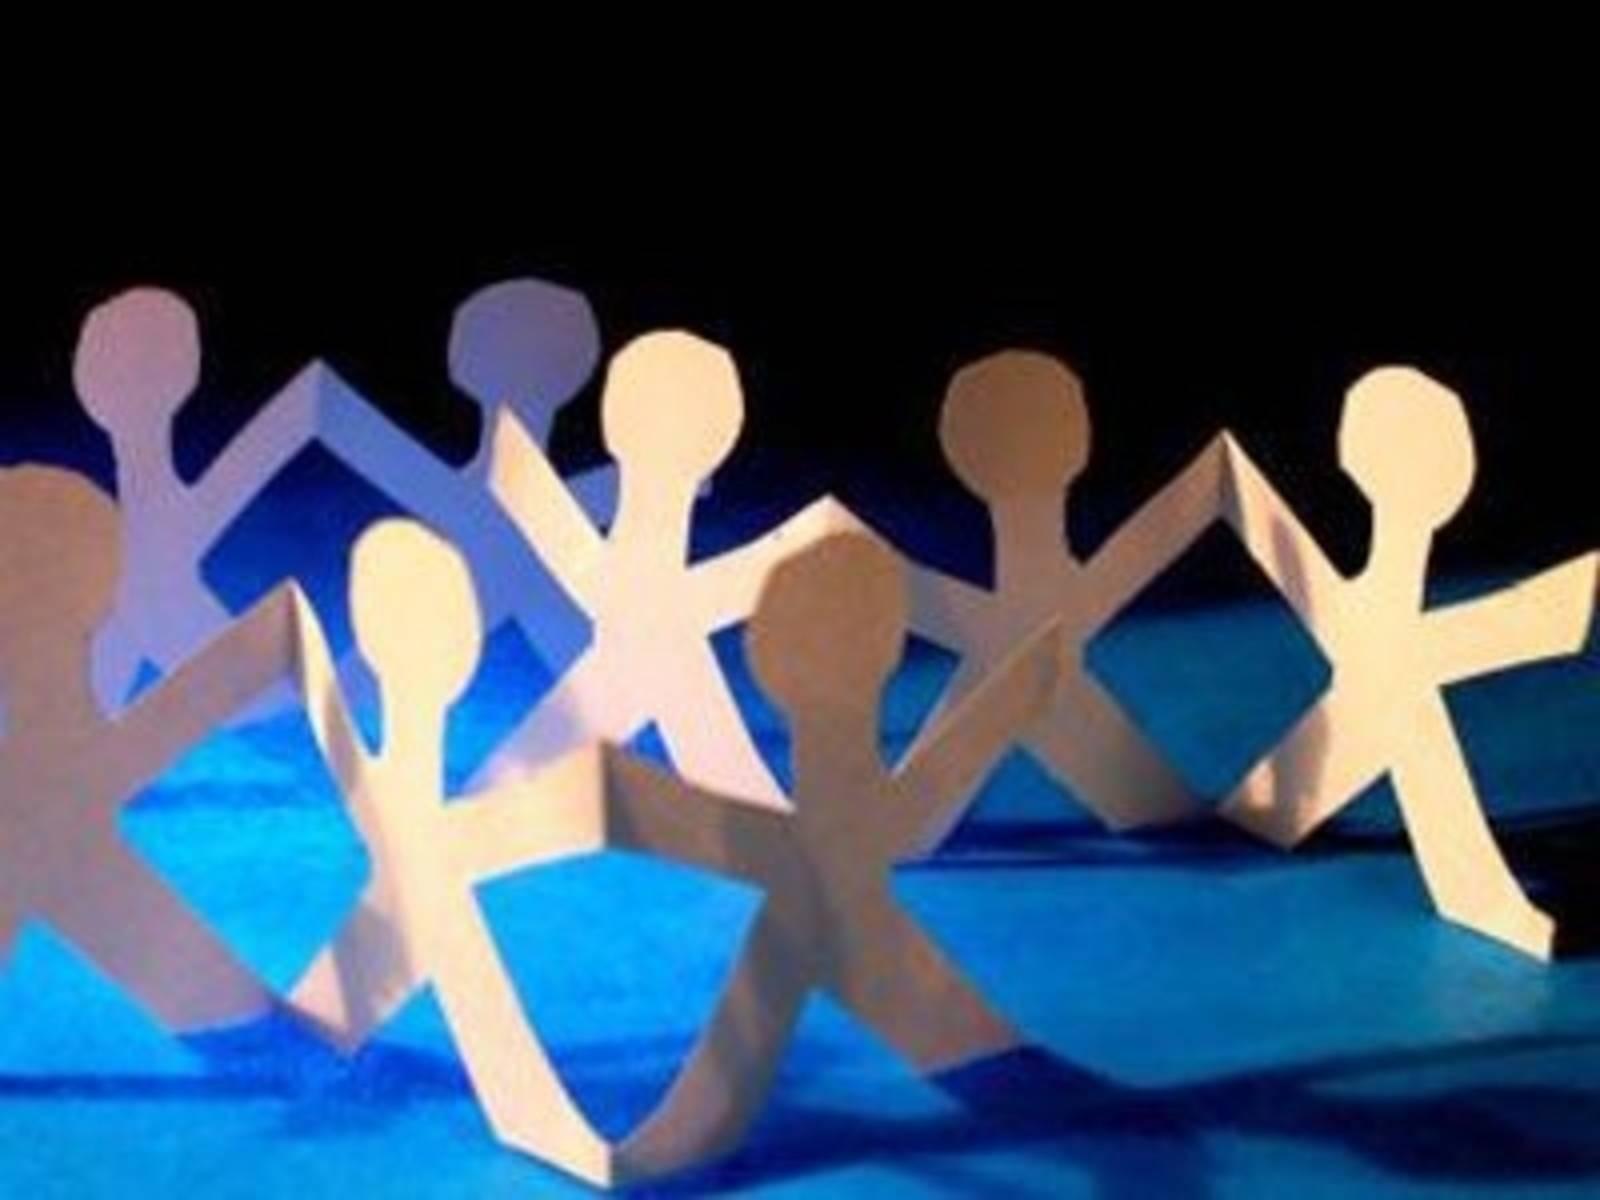 Eine Figurenkette aus Papier symbolisiert gemeinsames Handeln